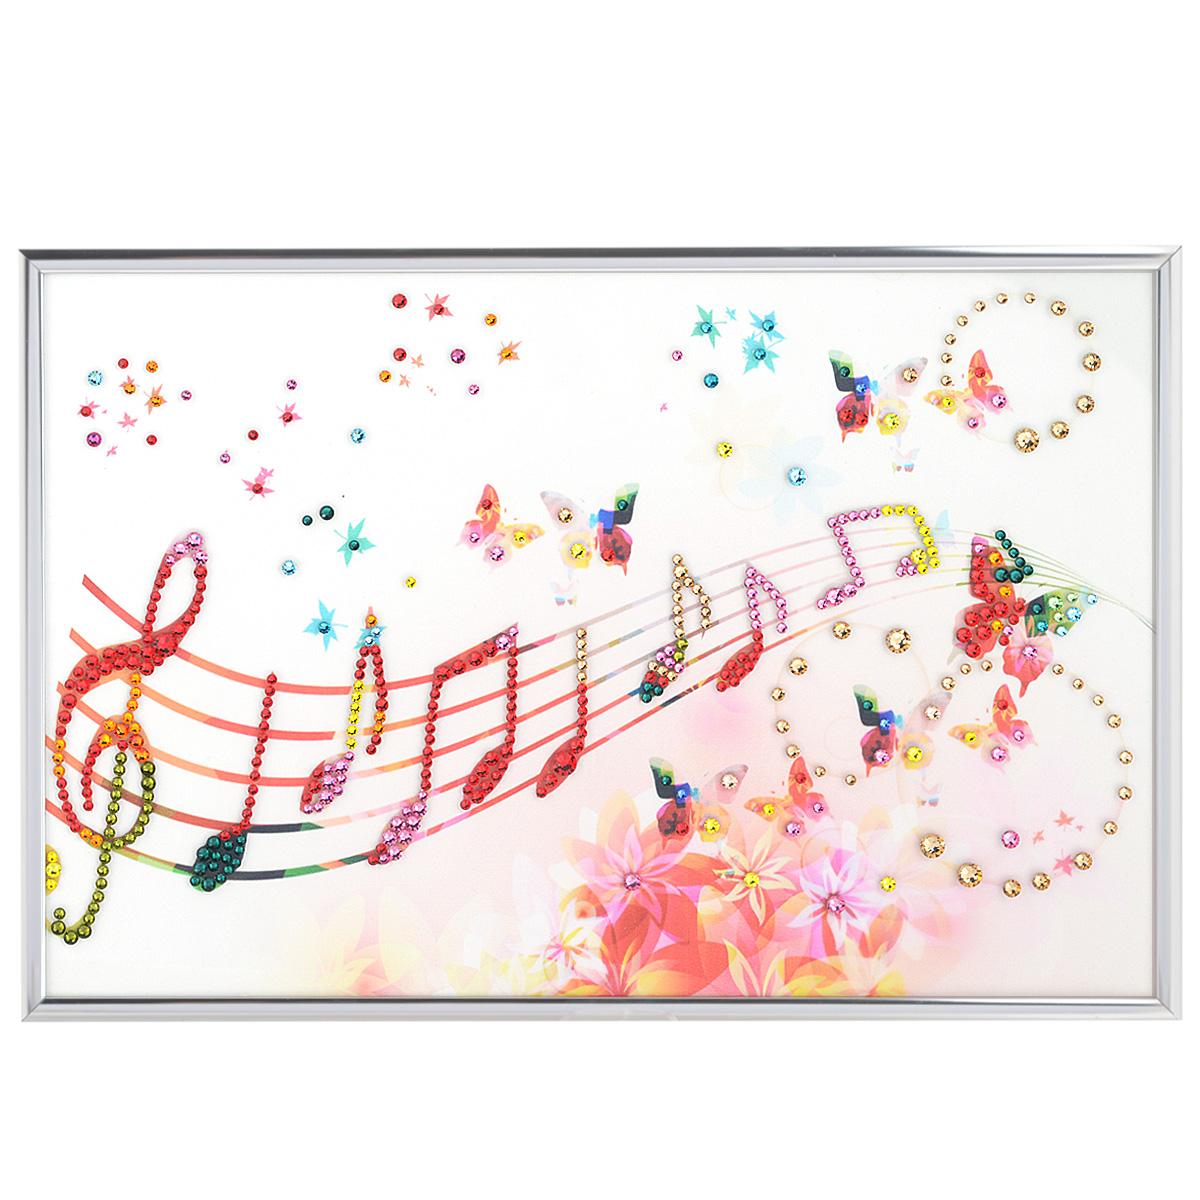 Картина с кристаллами Swarovski Музыка настроения, 30 см х 20 см1200Изящная картина в алюминиевой раме Музыка настроения инкрустирована кристаллами Swarovski, которые отличаются четкой и ровной огранкой, ярким блеском и чистотой цвета. Идеально подобранная палитра кристаллов прекрасно дополняет картину. С задней стороны изделие оснащено специальной металлической петелькой для размещения на стене. Картина с кристаллами Swarovski элегантно украсит интерьер дома, а также станет прекрасным подарком, который обязательно понравится получателю. Блеск кристаллов в интерьере - что может быть сказочнее и удивительнее. Изделие упаковано в подарочную картонную коробку синего цвета и комплектуется сертификатом соответствия Swarovski.